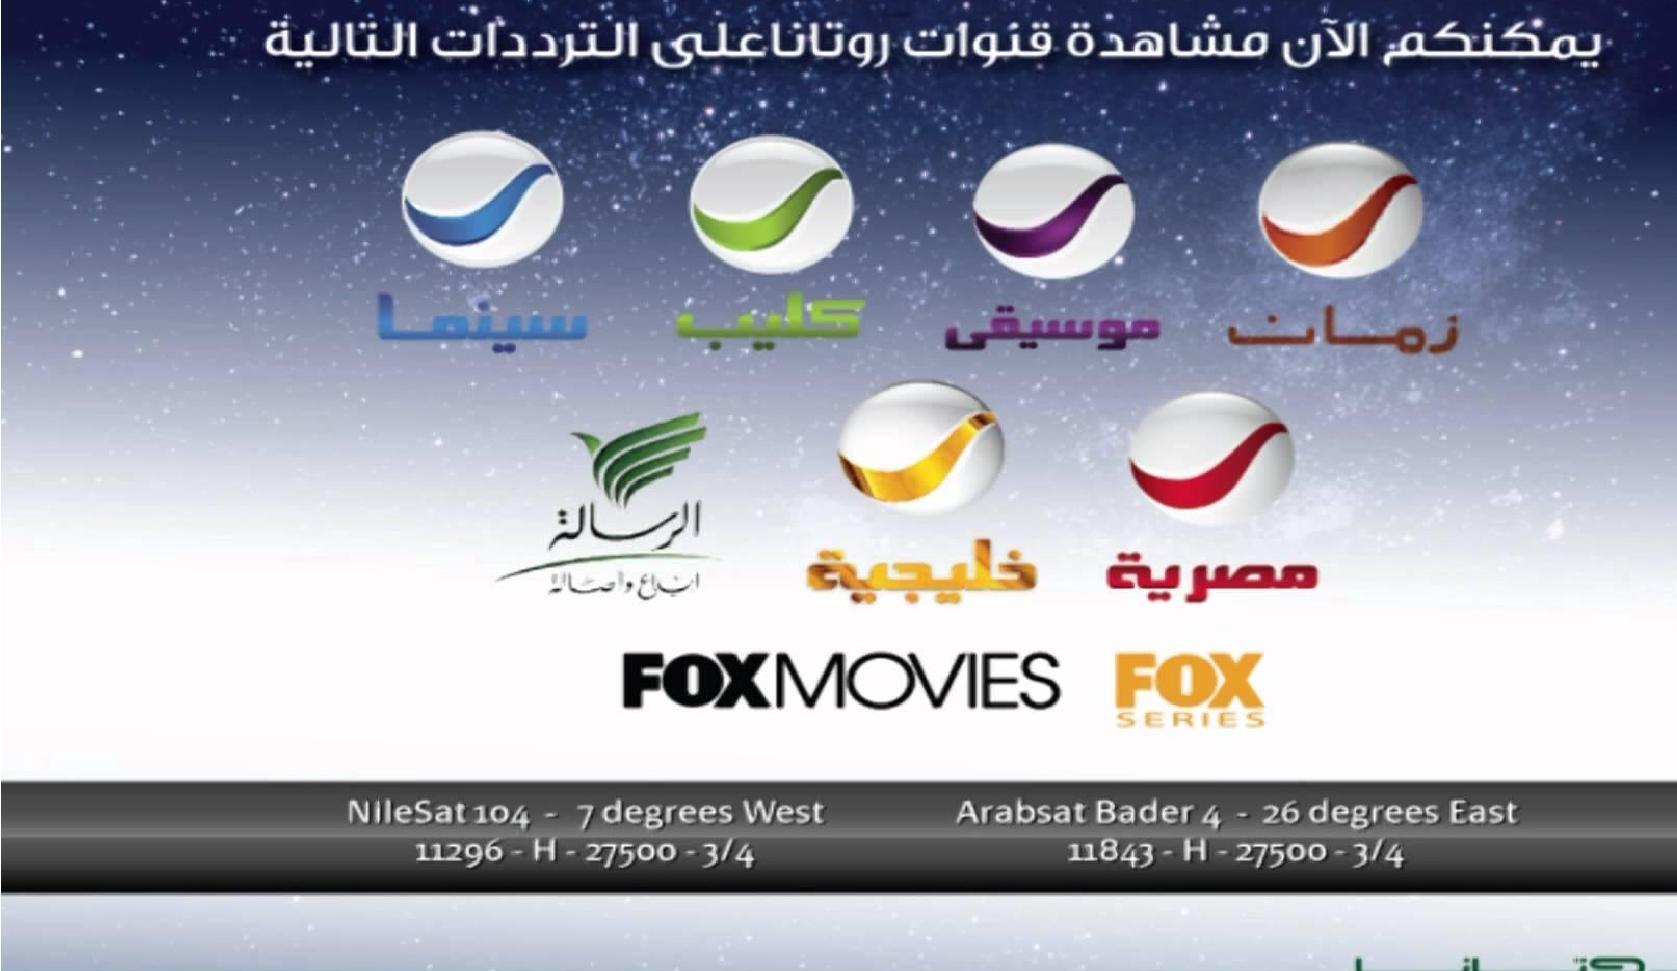 جميع قنوات روتانا مصرية سينما كلاسيك موسيقى طرب اغانى خليجية